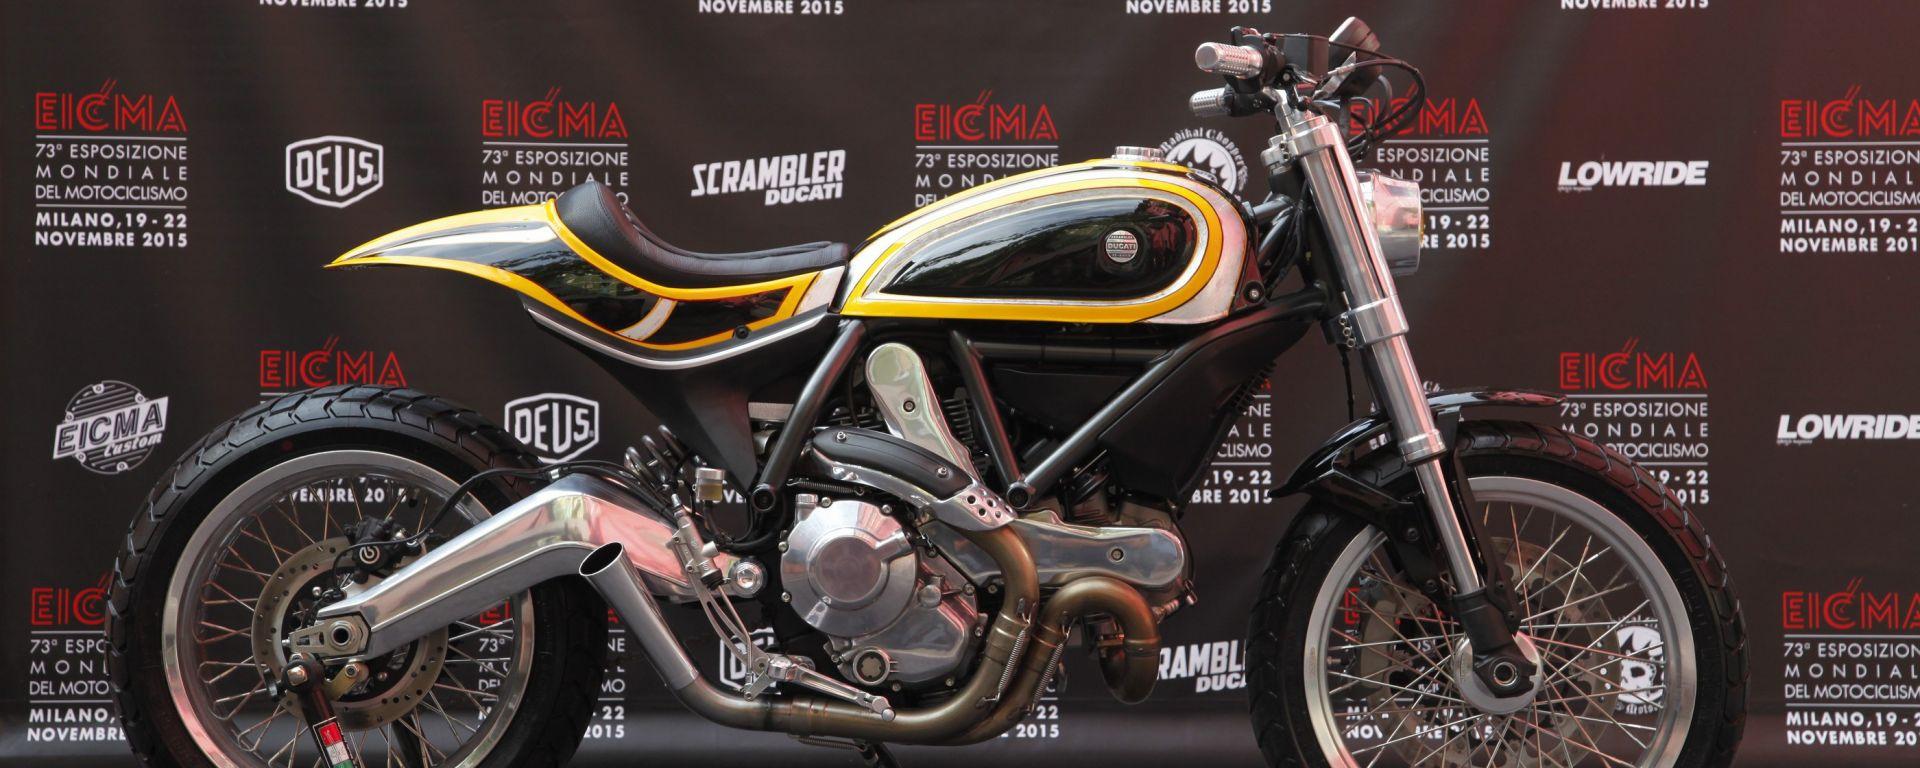 Eicma e Scrambler Ducati: la collaborazione continua